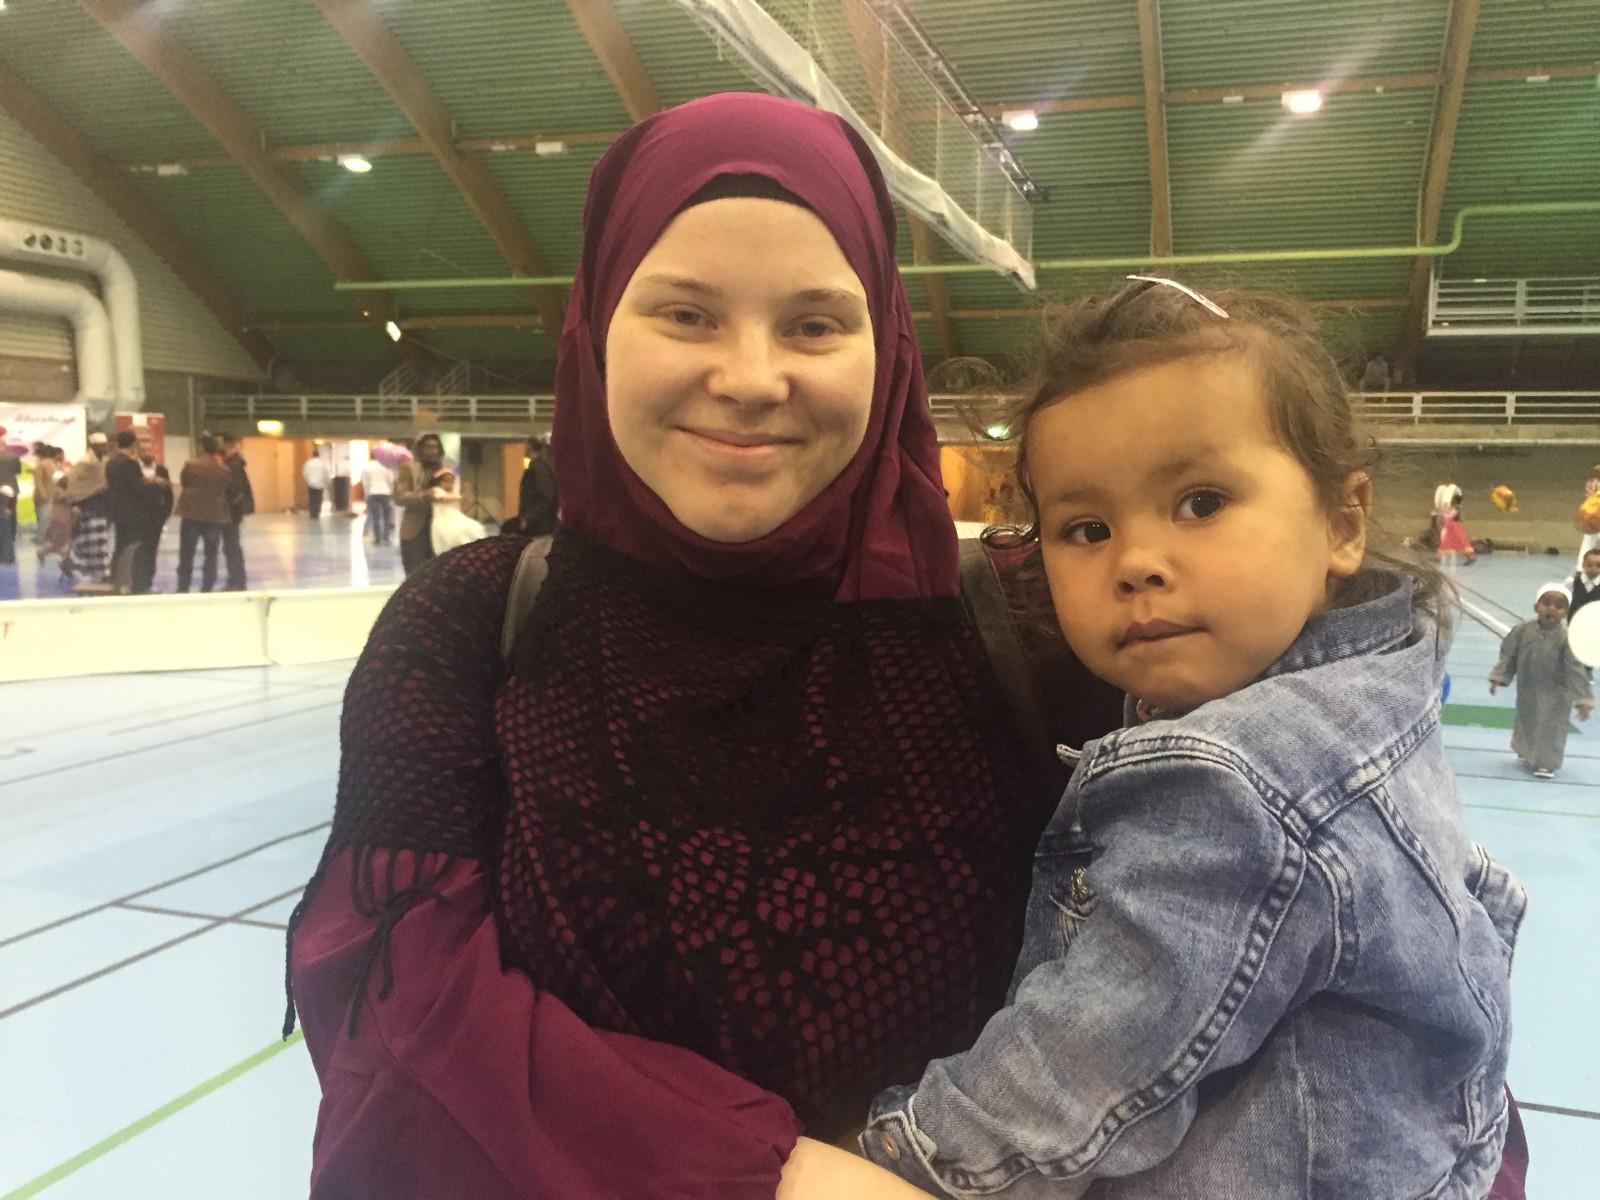 Silje Nilsen er opprinnelig fra Oslo, men har tilbrakt deler av Ramadan i Tromsø sammen med datteren Aisha (1 1/2 år)  - Det har vært mye lettere å faste i Nord-Norge der solen aldri går ned, for da kan man slutte fasten klokken 19 om kvelden. I Oslo faster man til klokken 23, sier hun.